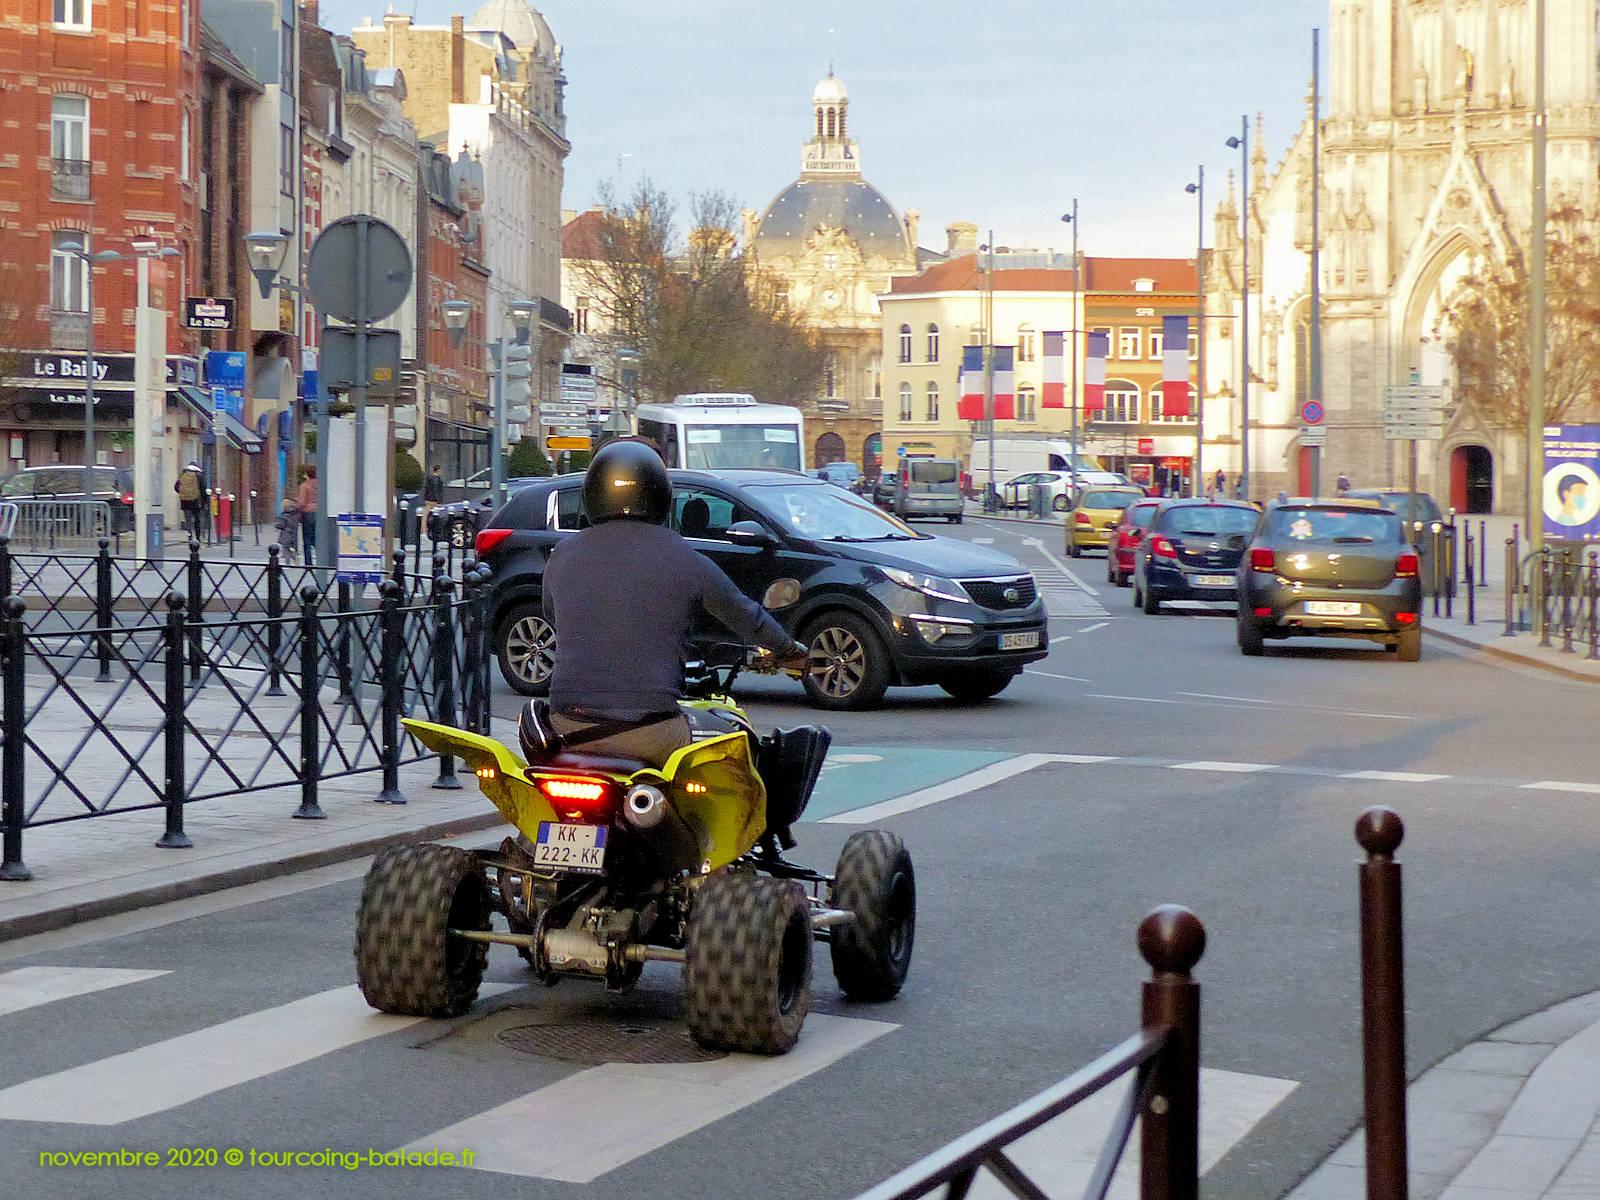 Quad, rue des anges Tourcoing 2020